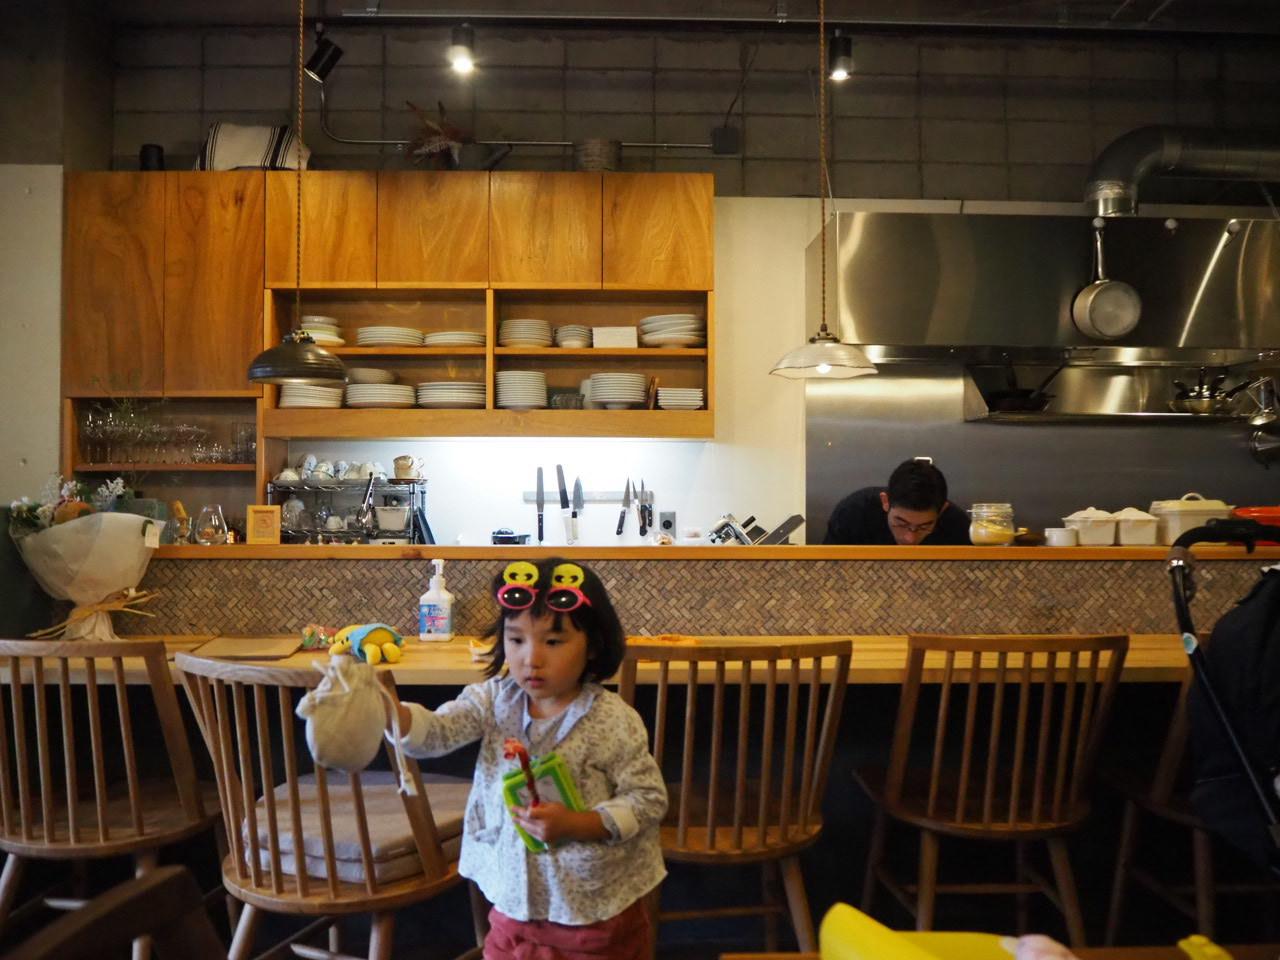 「料理とワイン 歩き」という玉造のフレンチのお店_f0370091_00421098.jpg